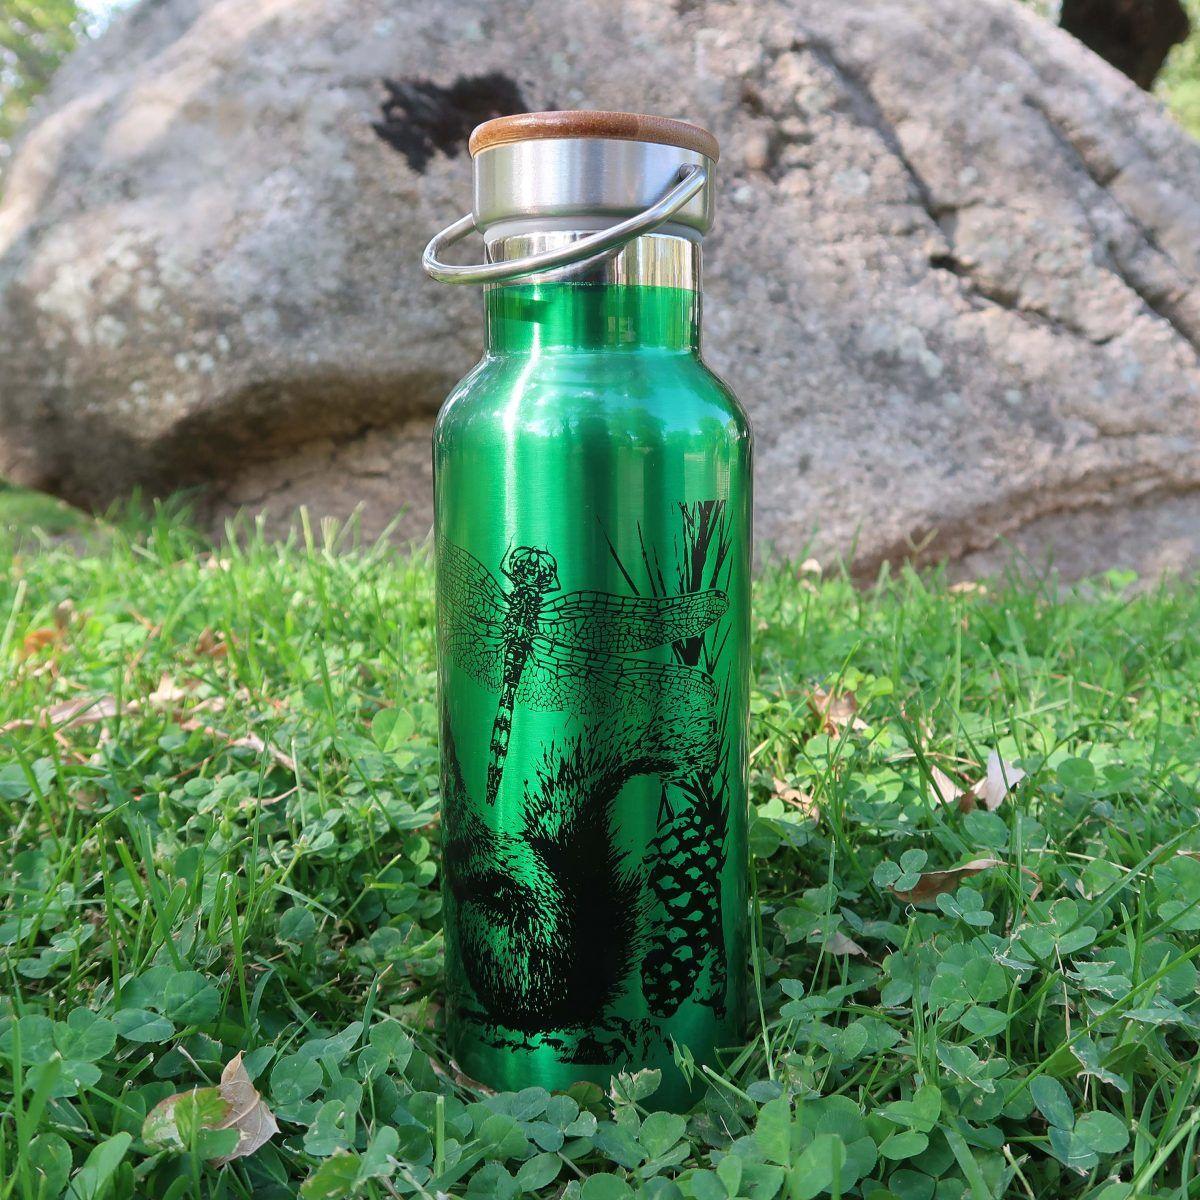 botellas de agua reutilizables-sirem wild-verde